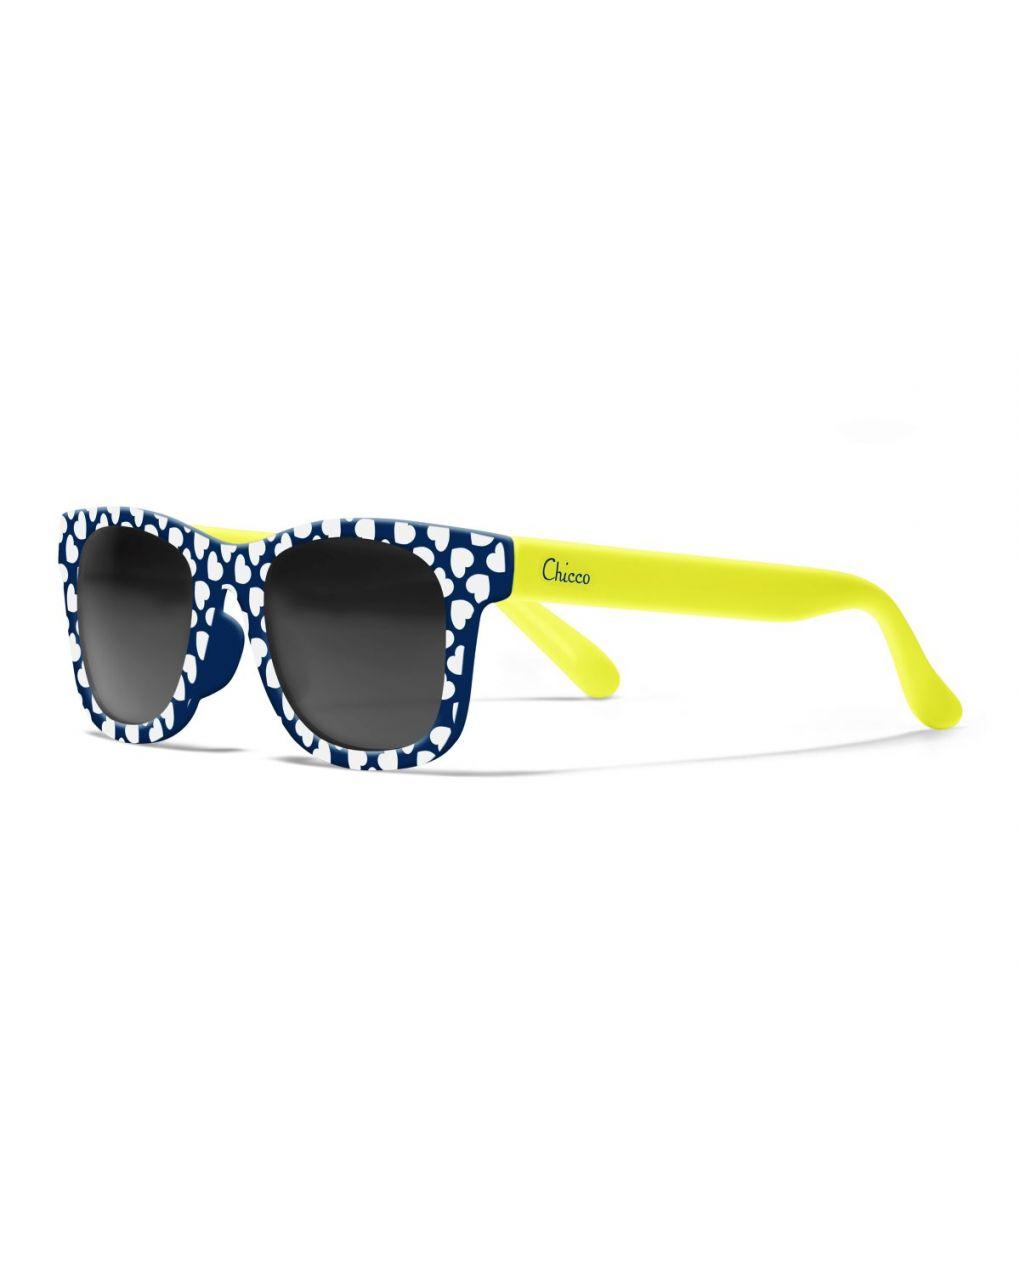 Chicco occhiali da sole 24m+ bimba - Chicco